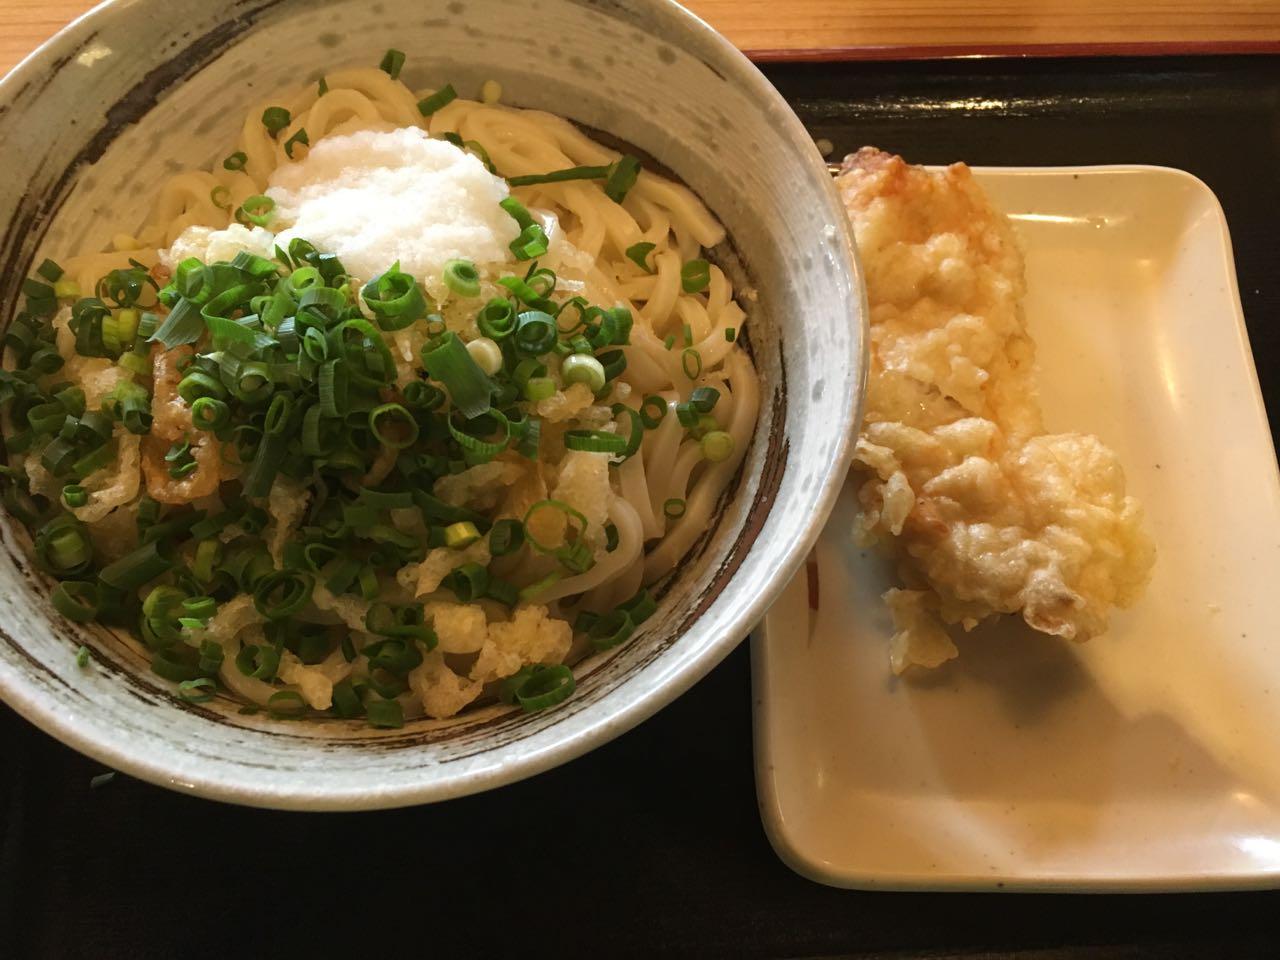 みとん今治,松製麺所,波止浜,ハッピープラザ,うどん